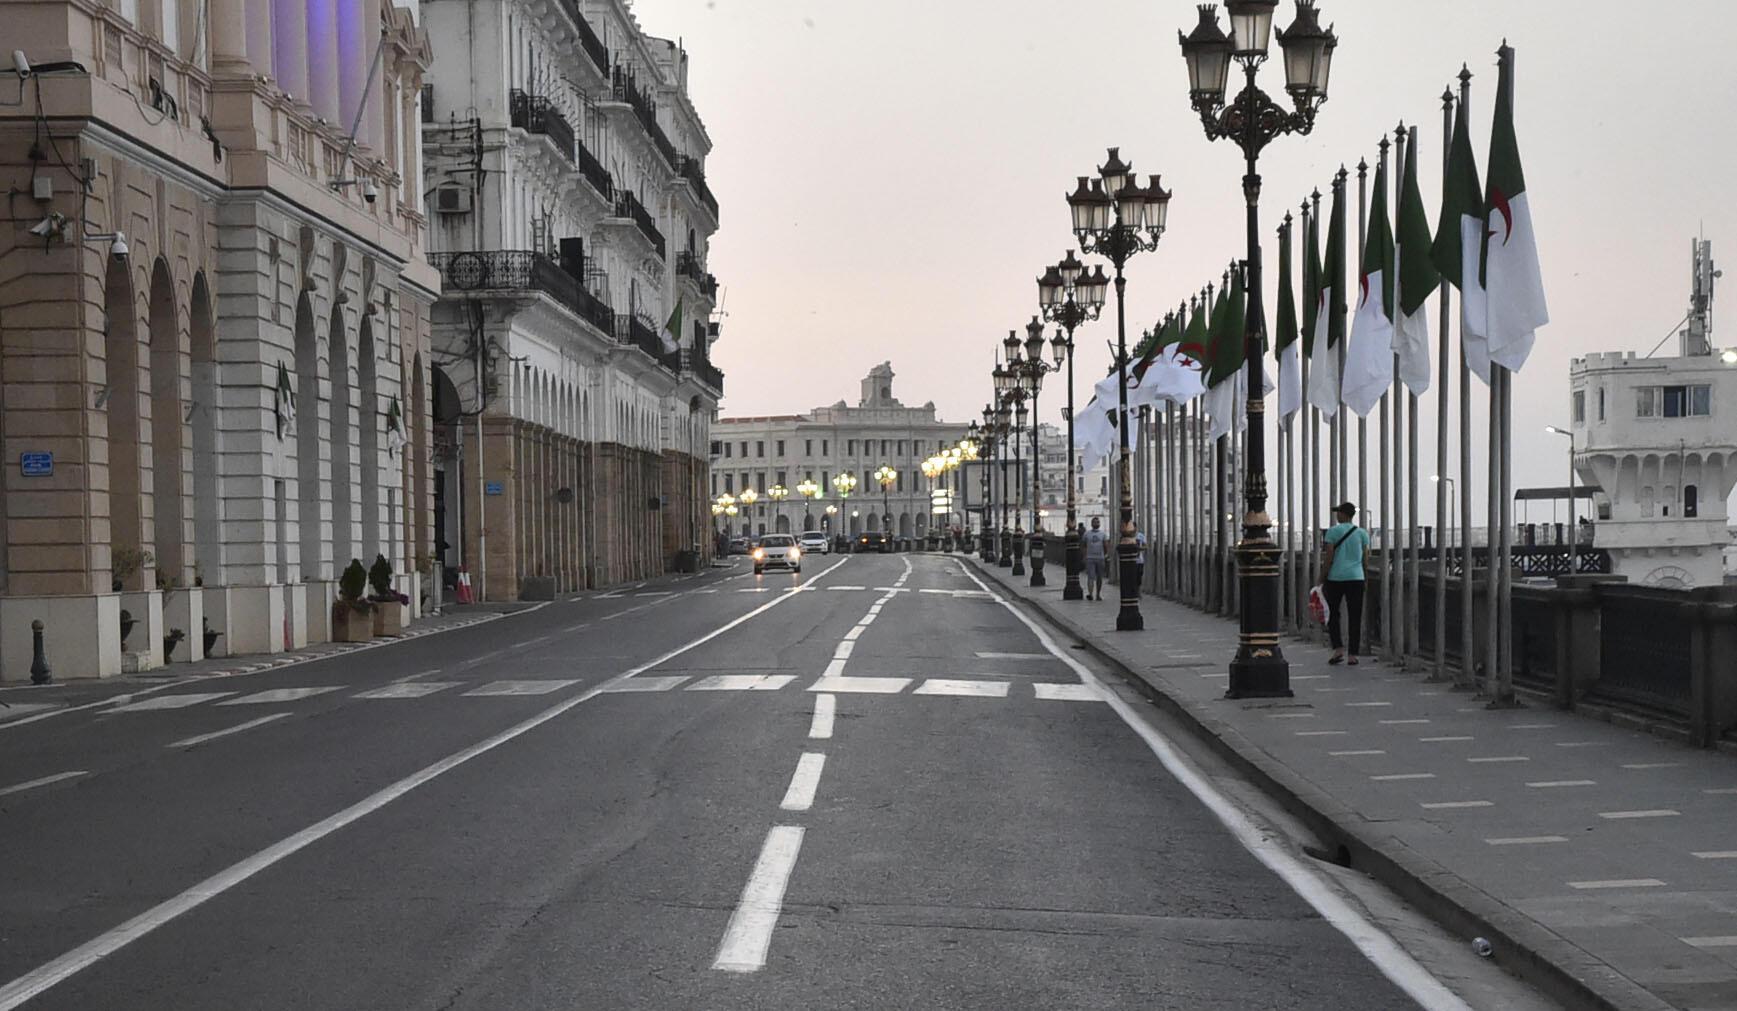 Birnin Algiers na kasar Algeria kenan ya kasance babu kowa a lokacin da aka killace al'umma don kauce wa kamuwa da cutar corona.